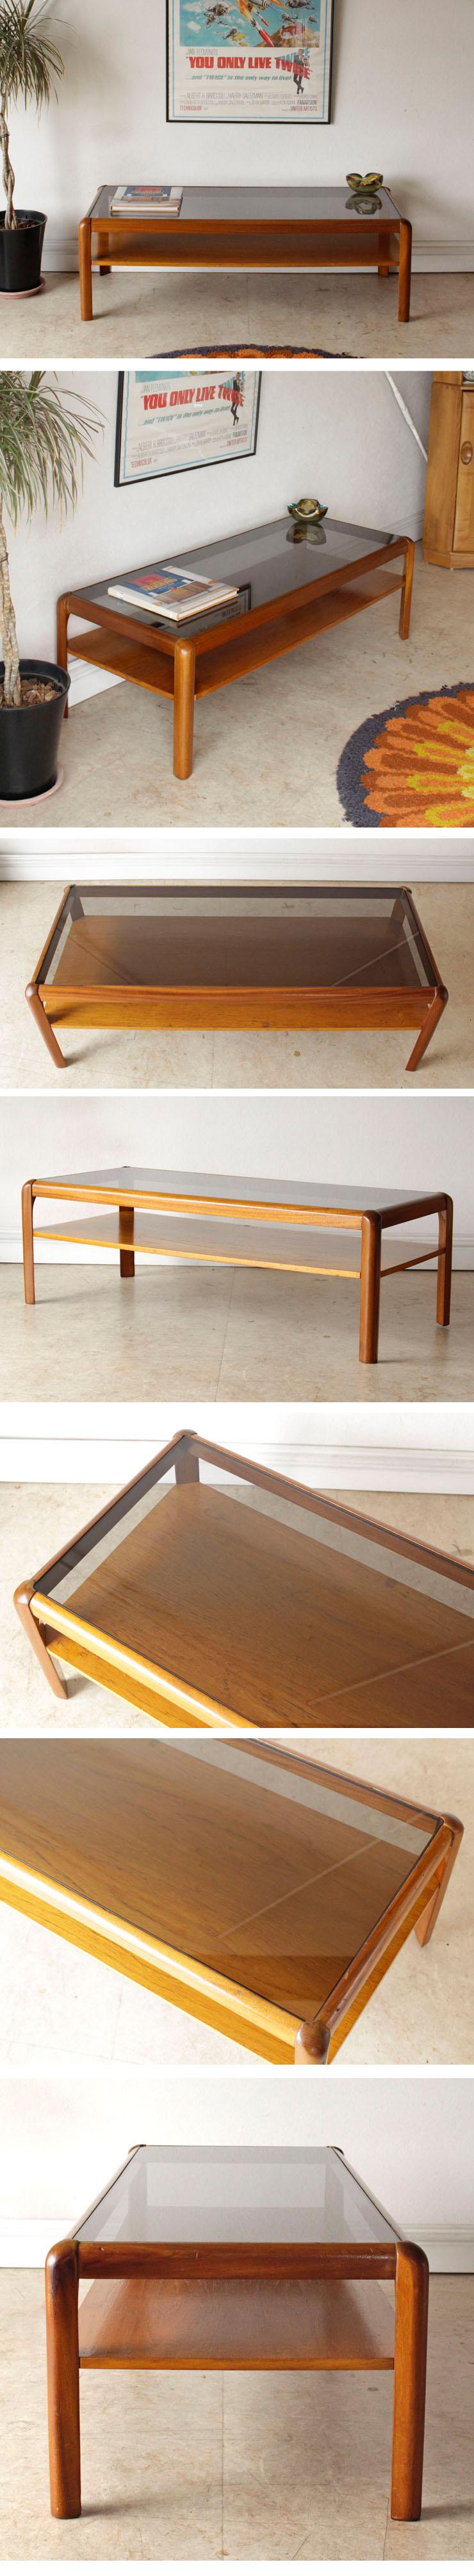 イギリス製・ビンテージ・ガラステーブル・コーヒーテーブル・ガラス・アンティーク・北欧